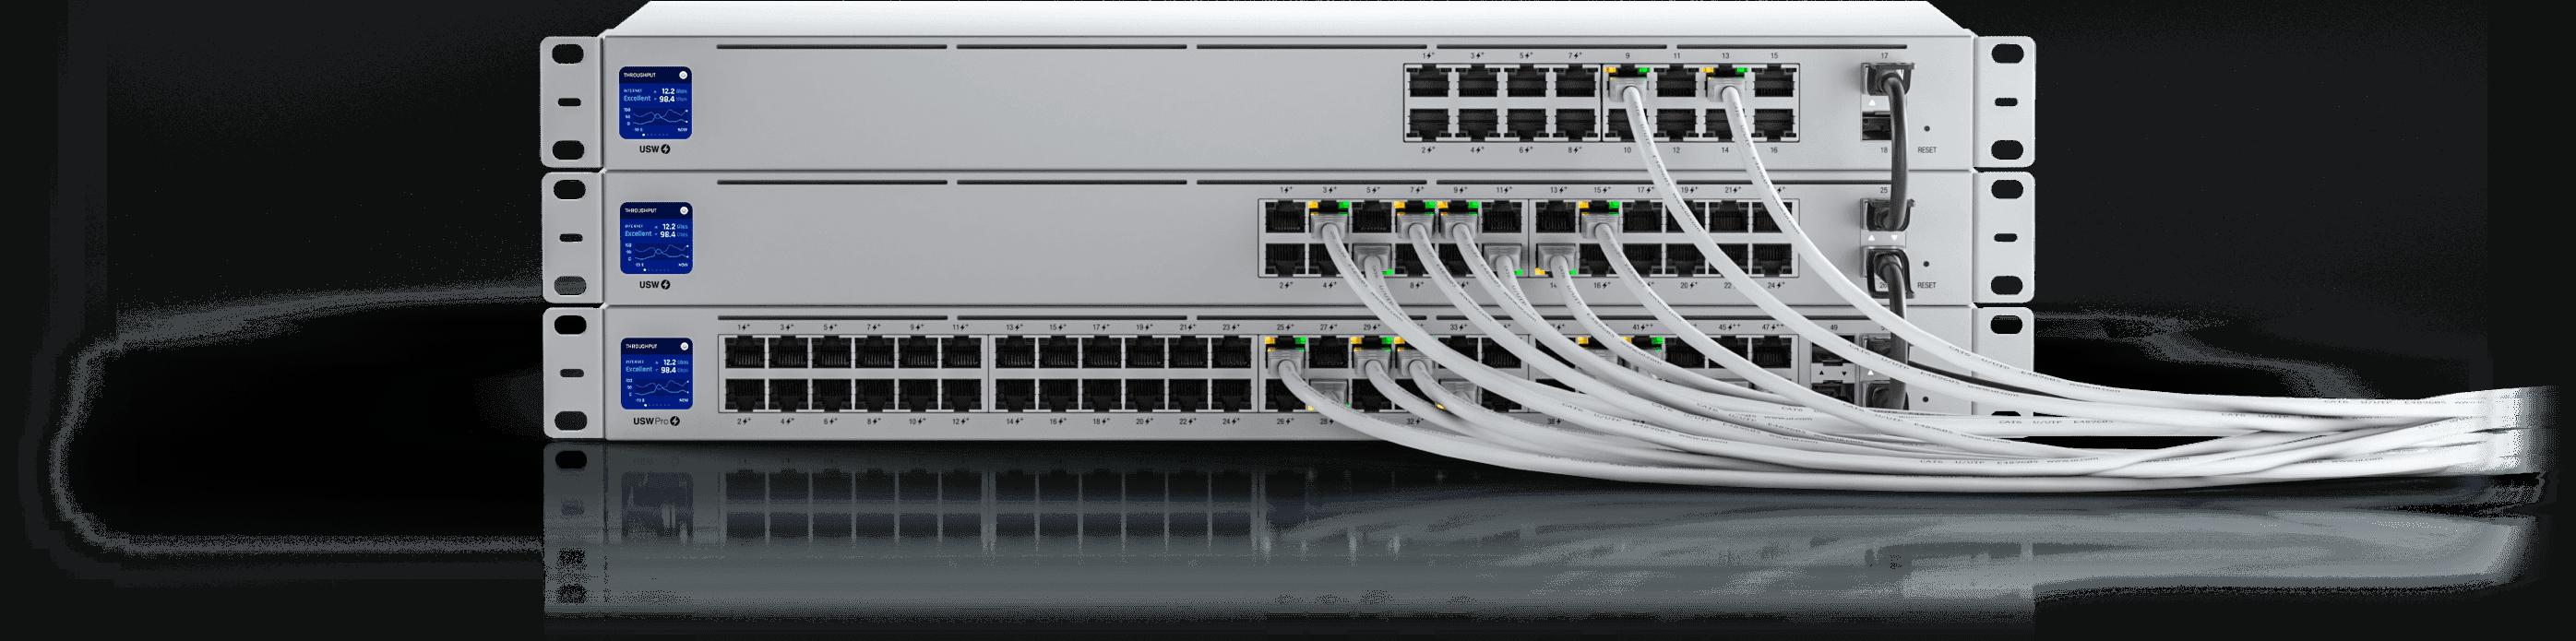 Обзор UniFi Switch GEN2. Новое поколение